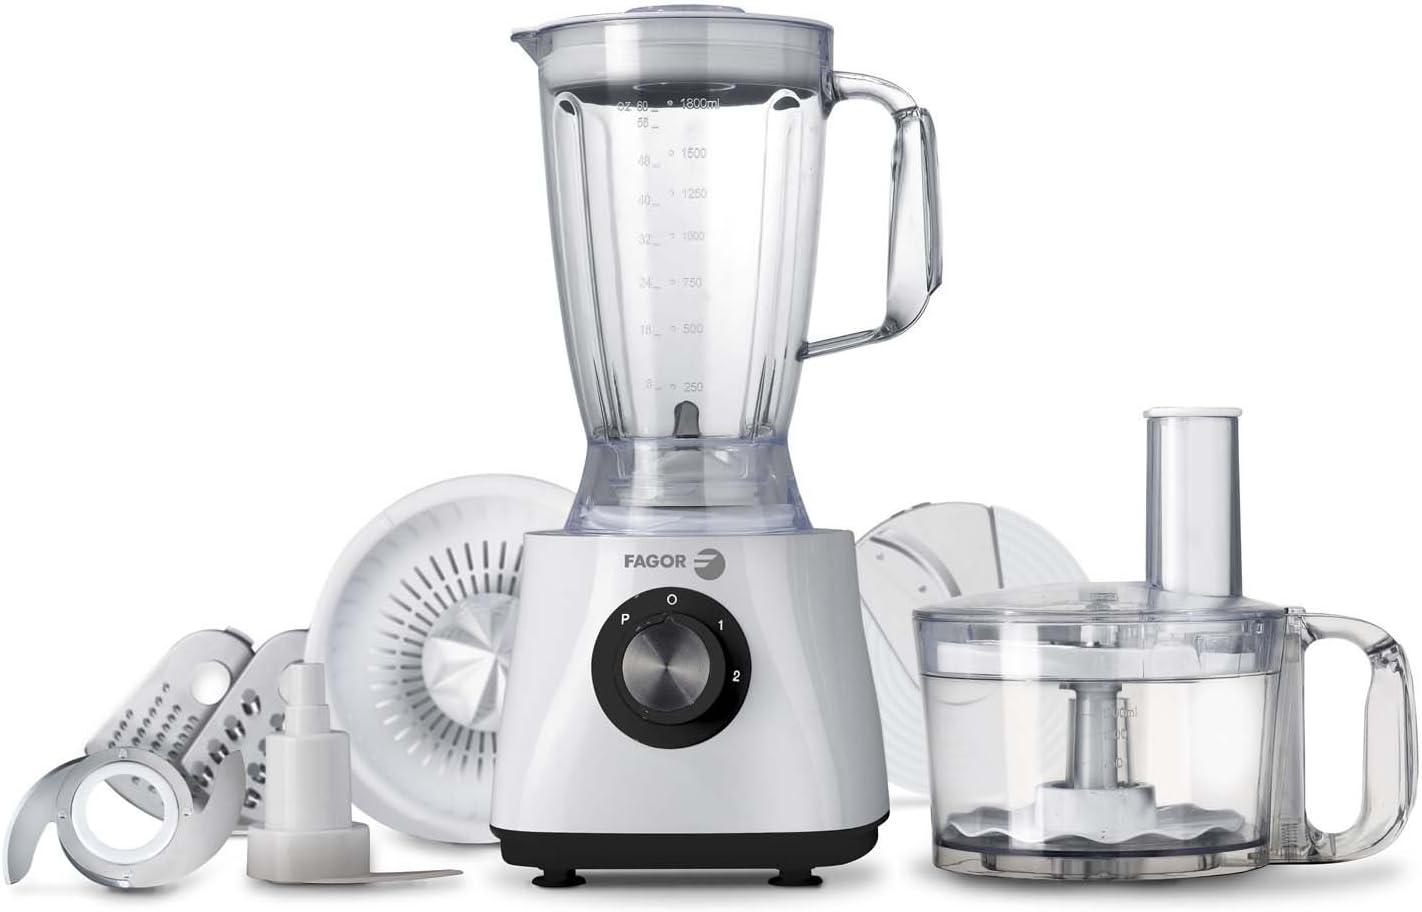 Fagor RT-507 Procesador de alimentos, 500 W, 2 litros, 2 Velocidades, Blanco: Amazon.es: Hogar